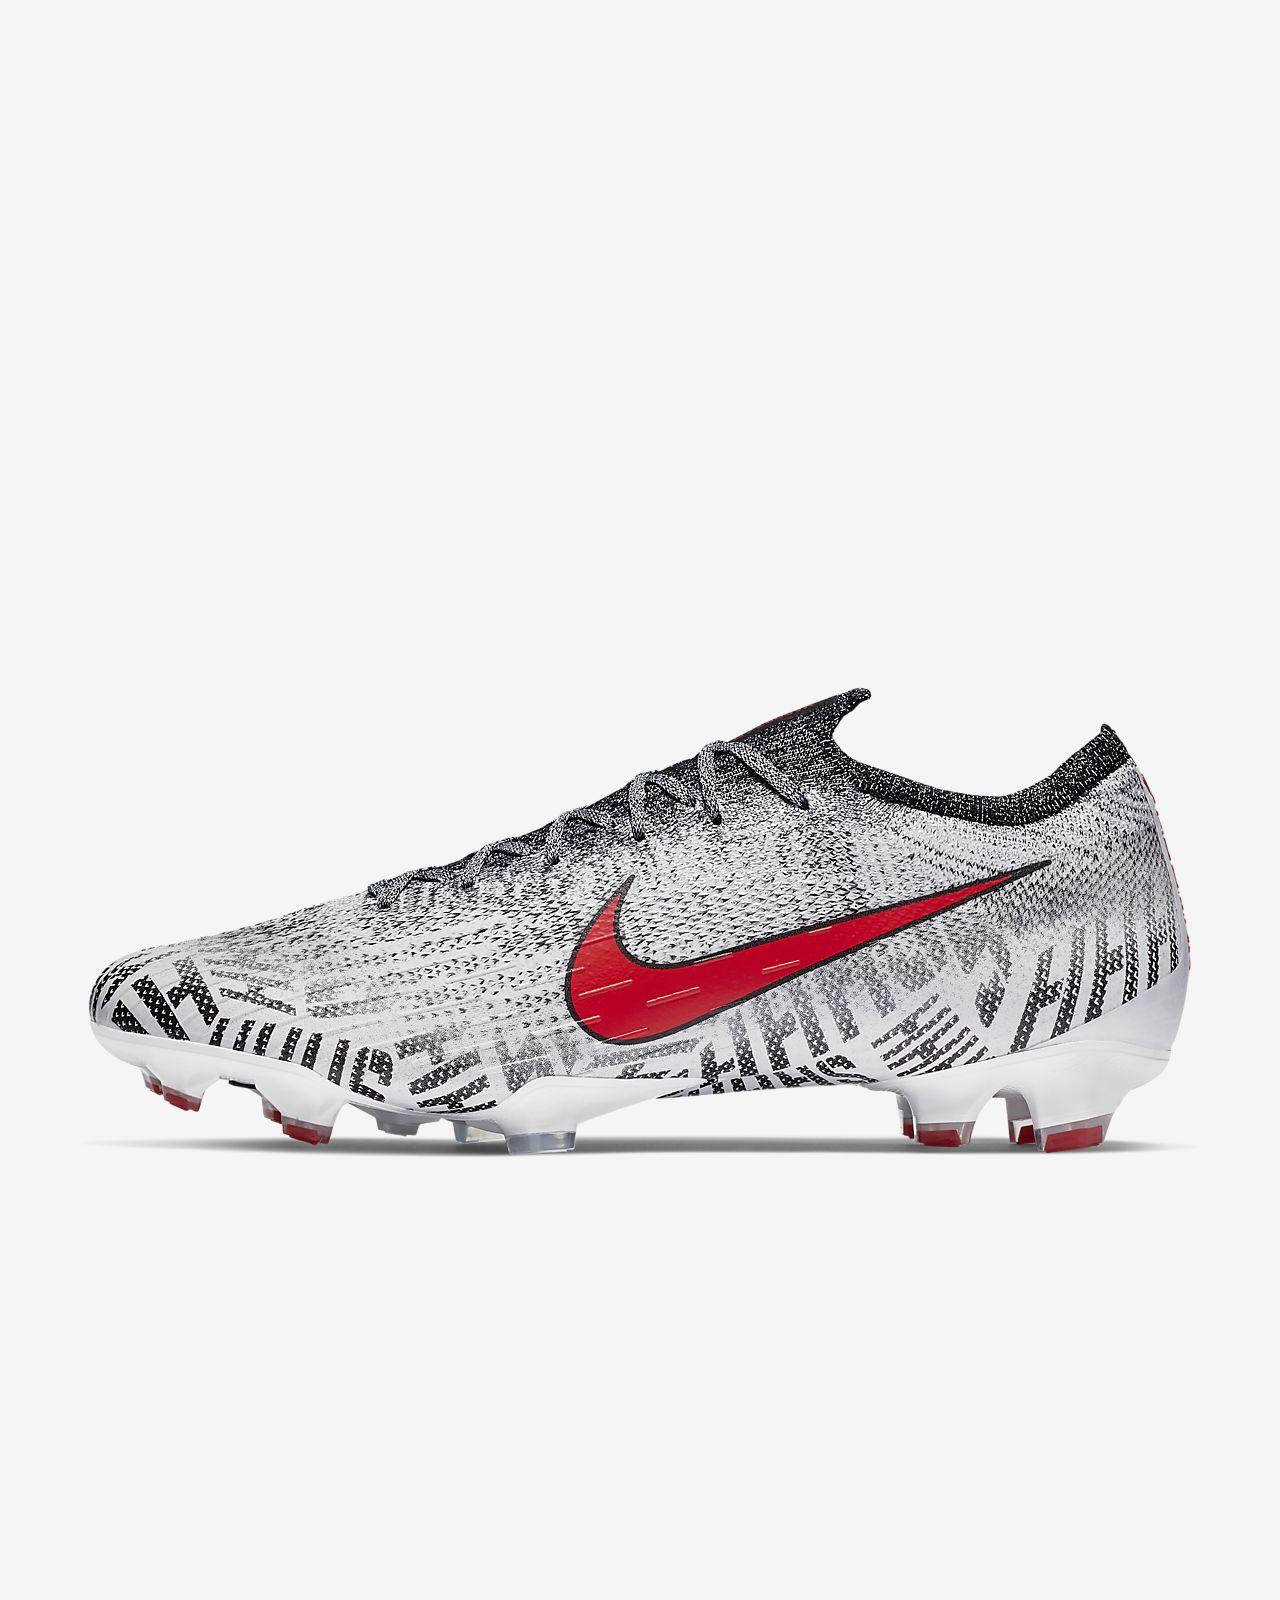 buy popular b1ba2 2a8db ... Fotbollssko för fast underlag Nike Mercurial Vapor 360 Elite Neymar Jr  Firm-Ground